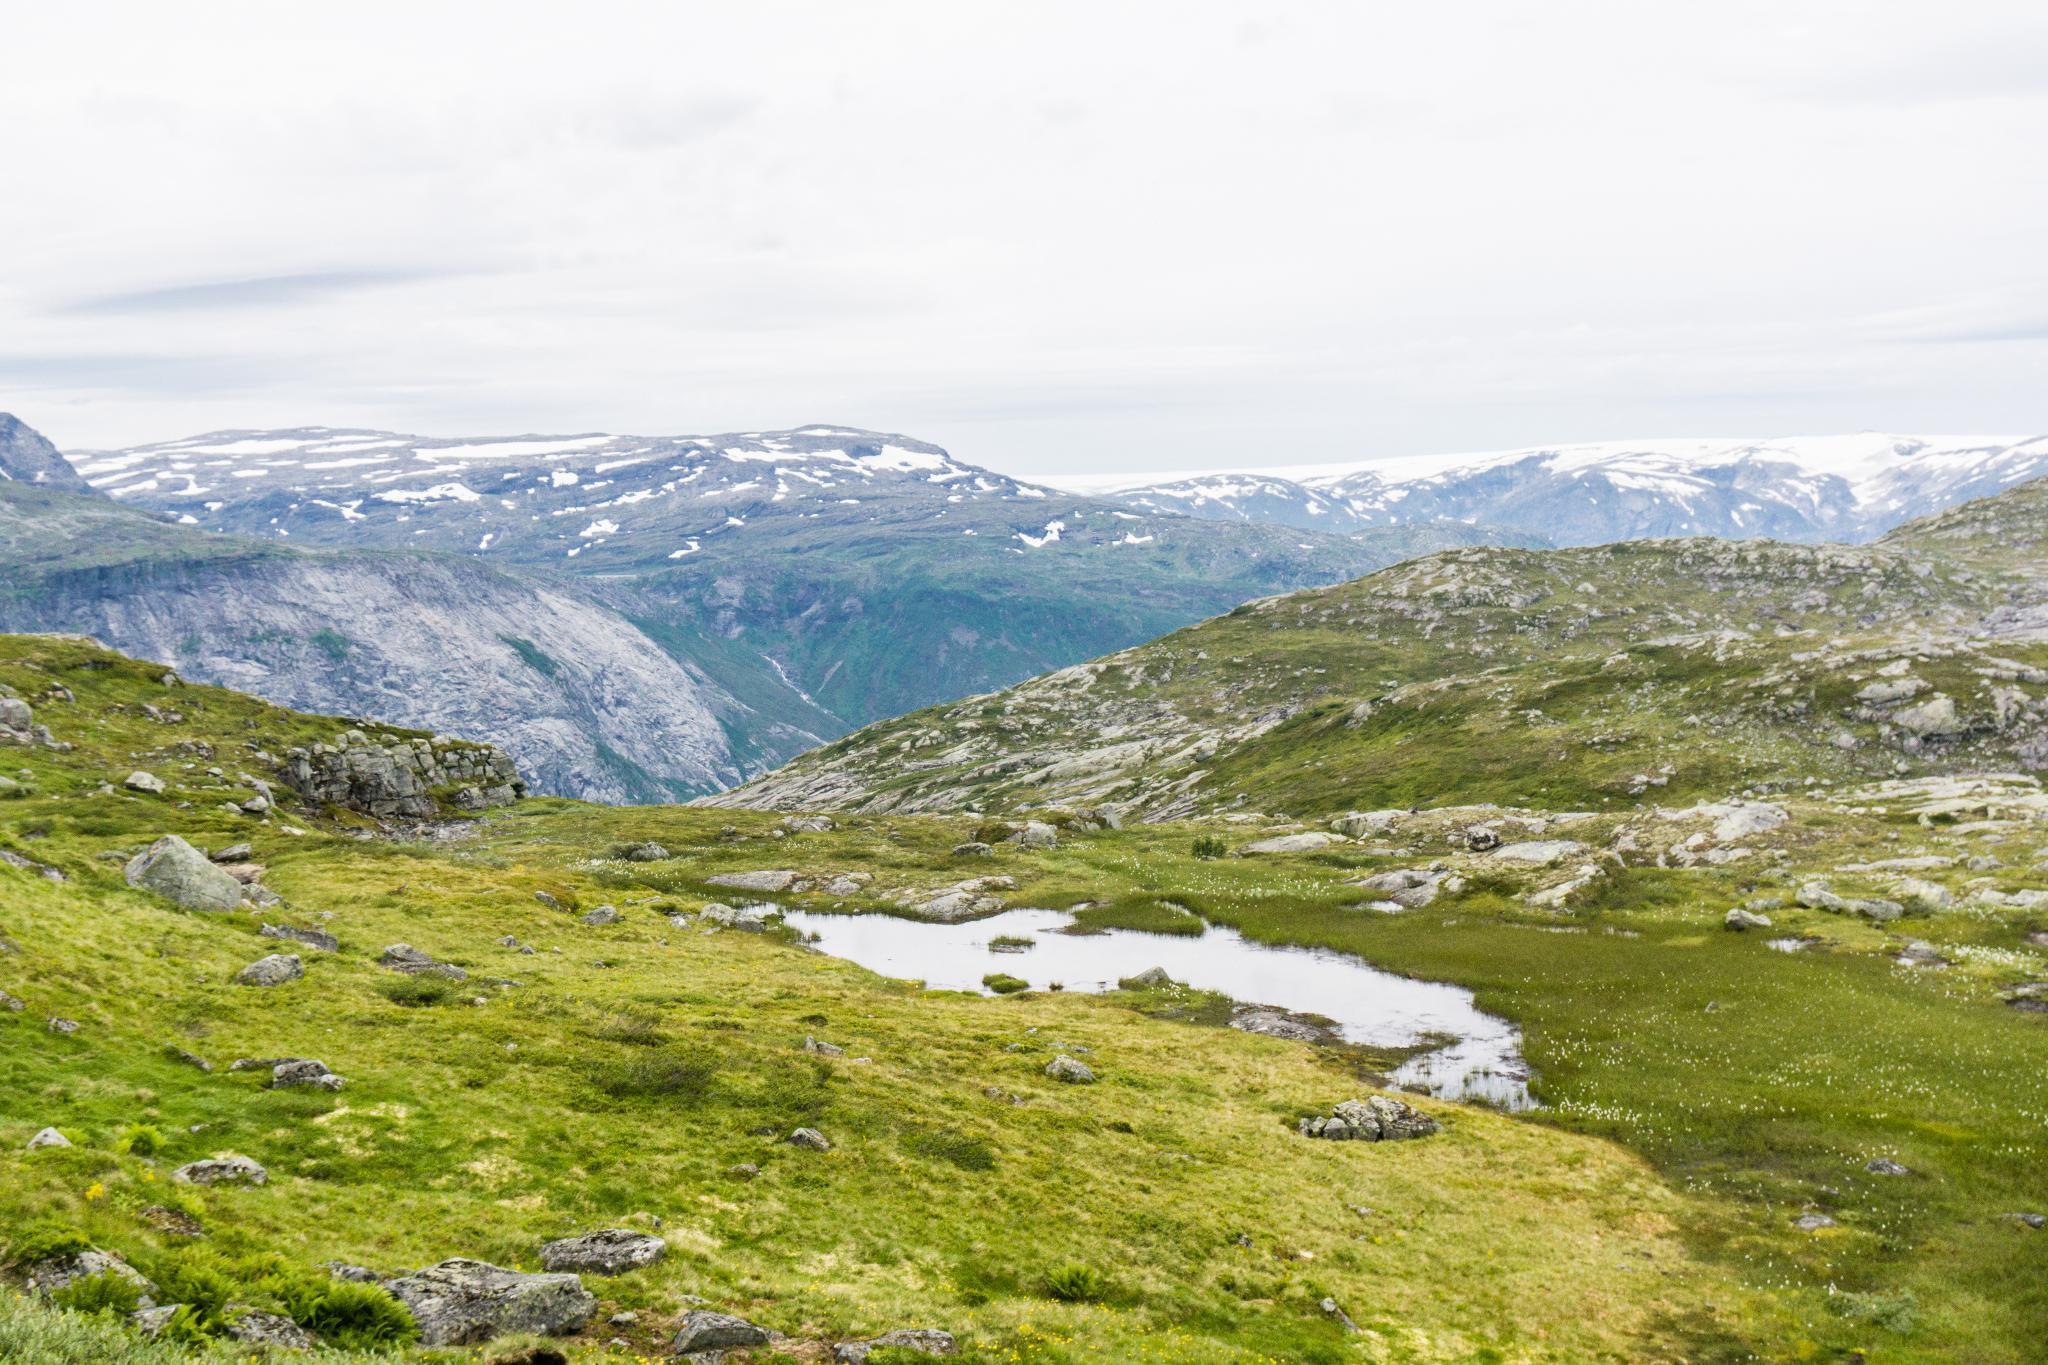 【北歐景點】挪威惡魔之舌 Trolltunga — 28公里健行挑戰全攻略 201